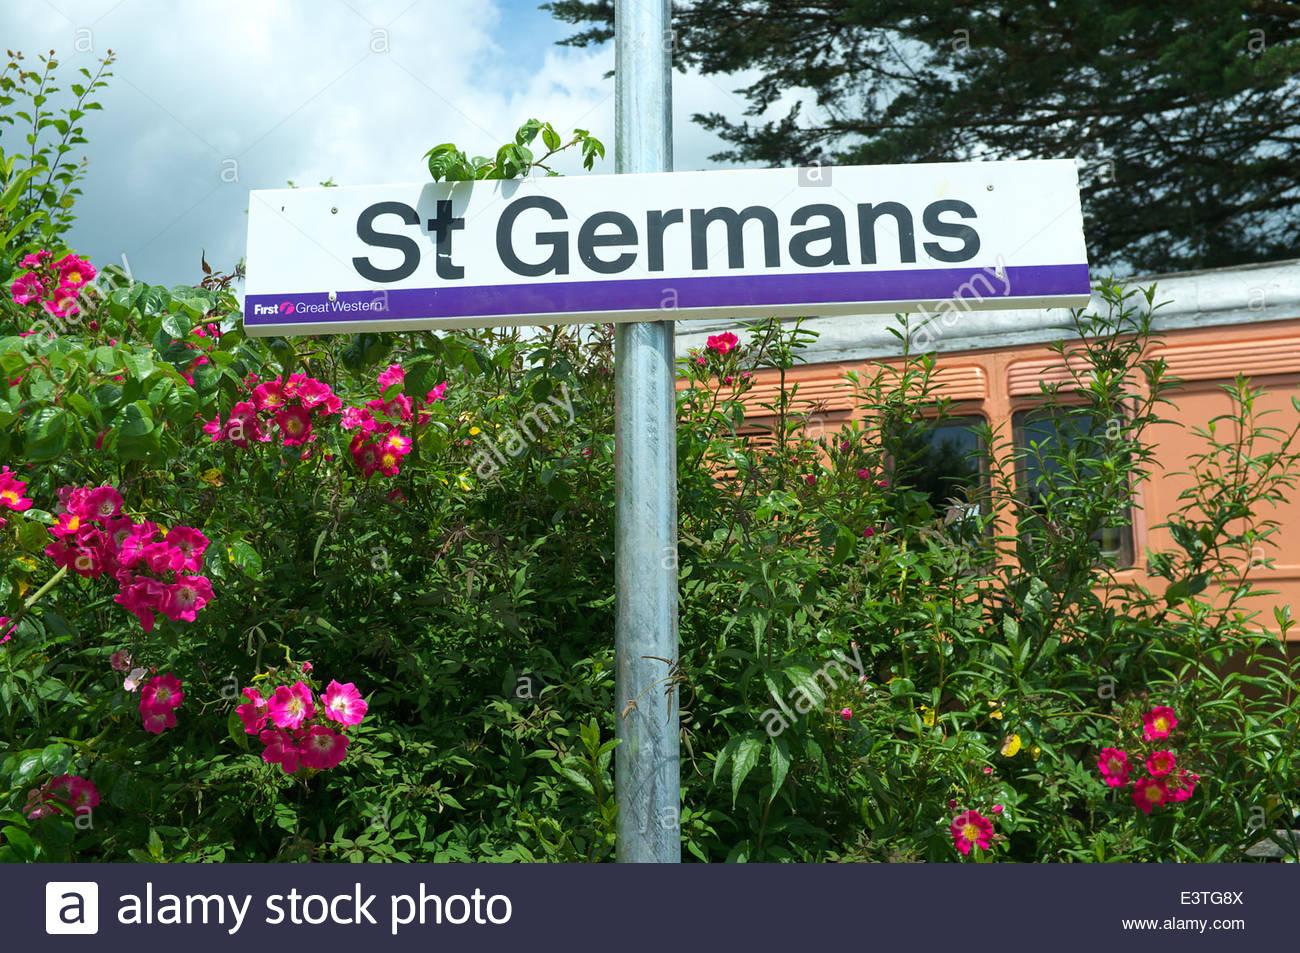 St.Germans - Railway Station Standort Zeichen, in Cornwall, Großbritannien. Stockbild